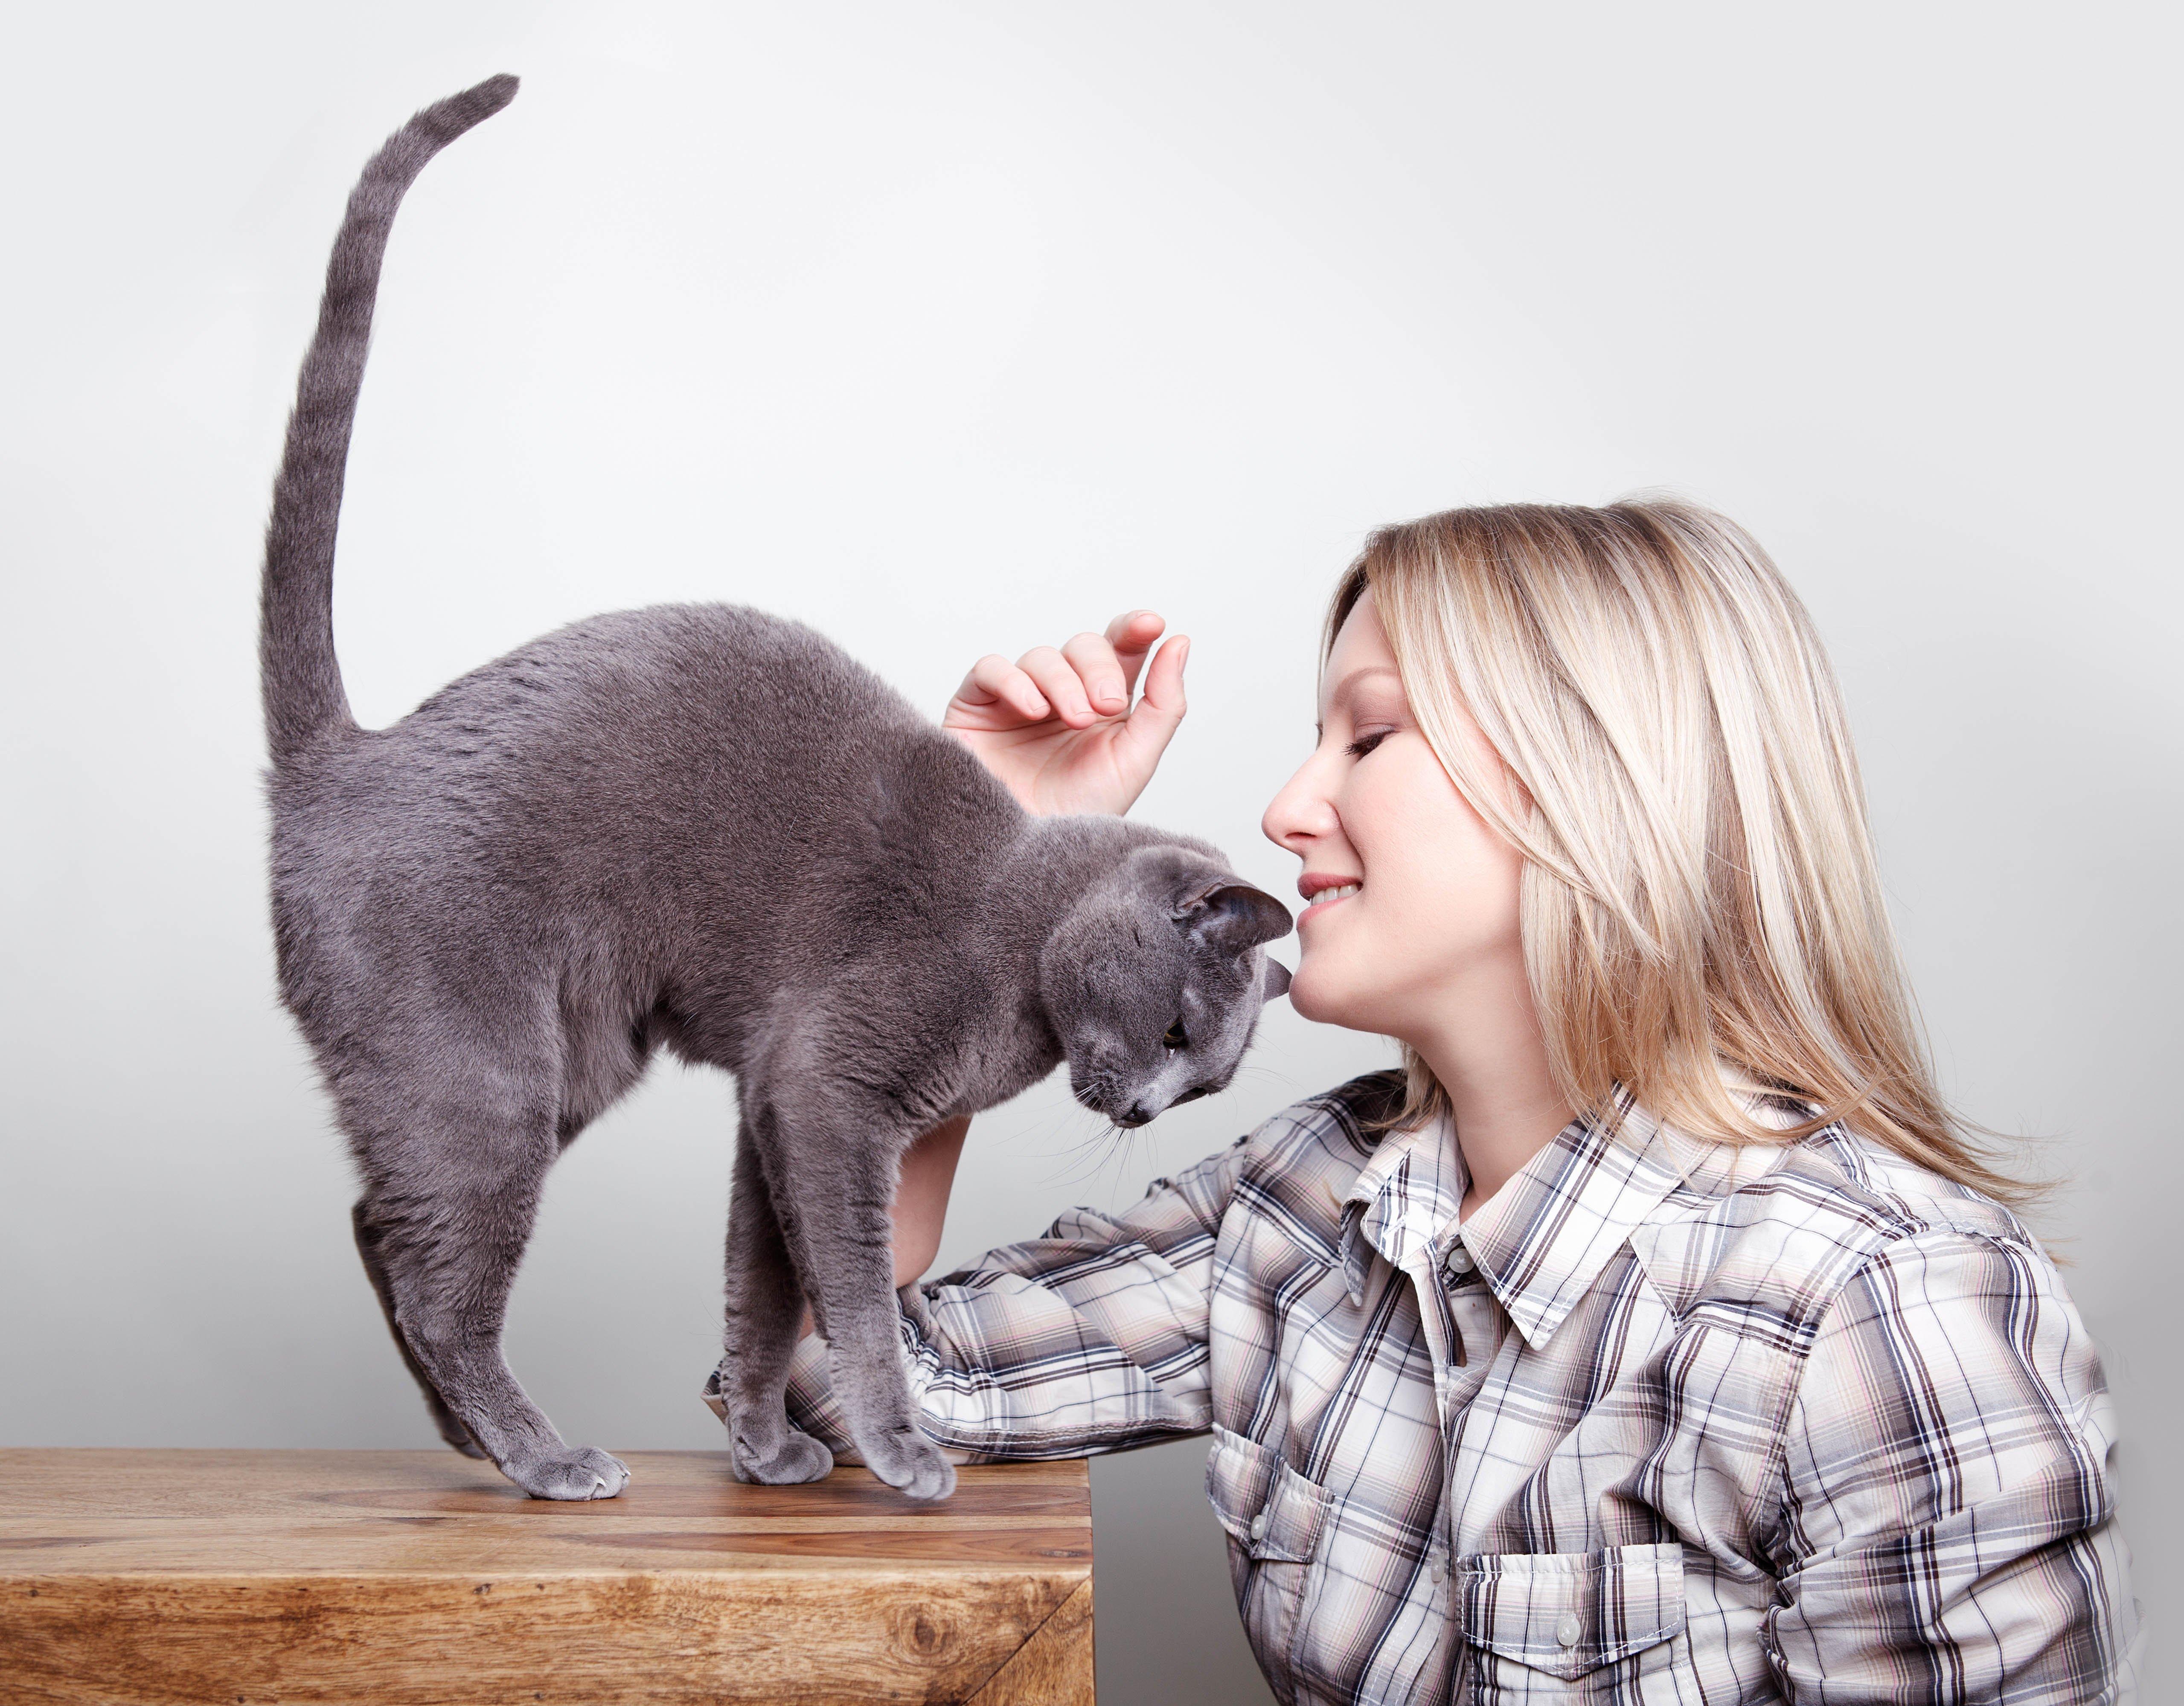 Katze fühlt sich bei Mensch wohl